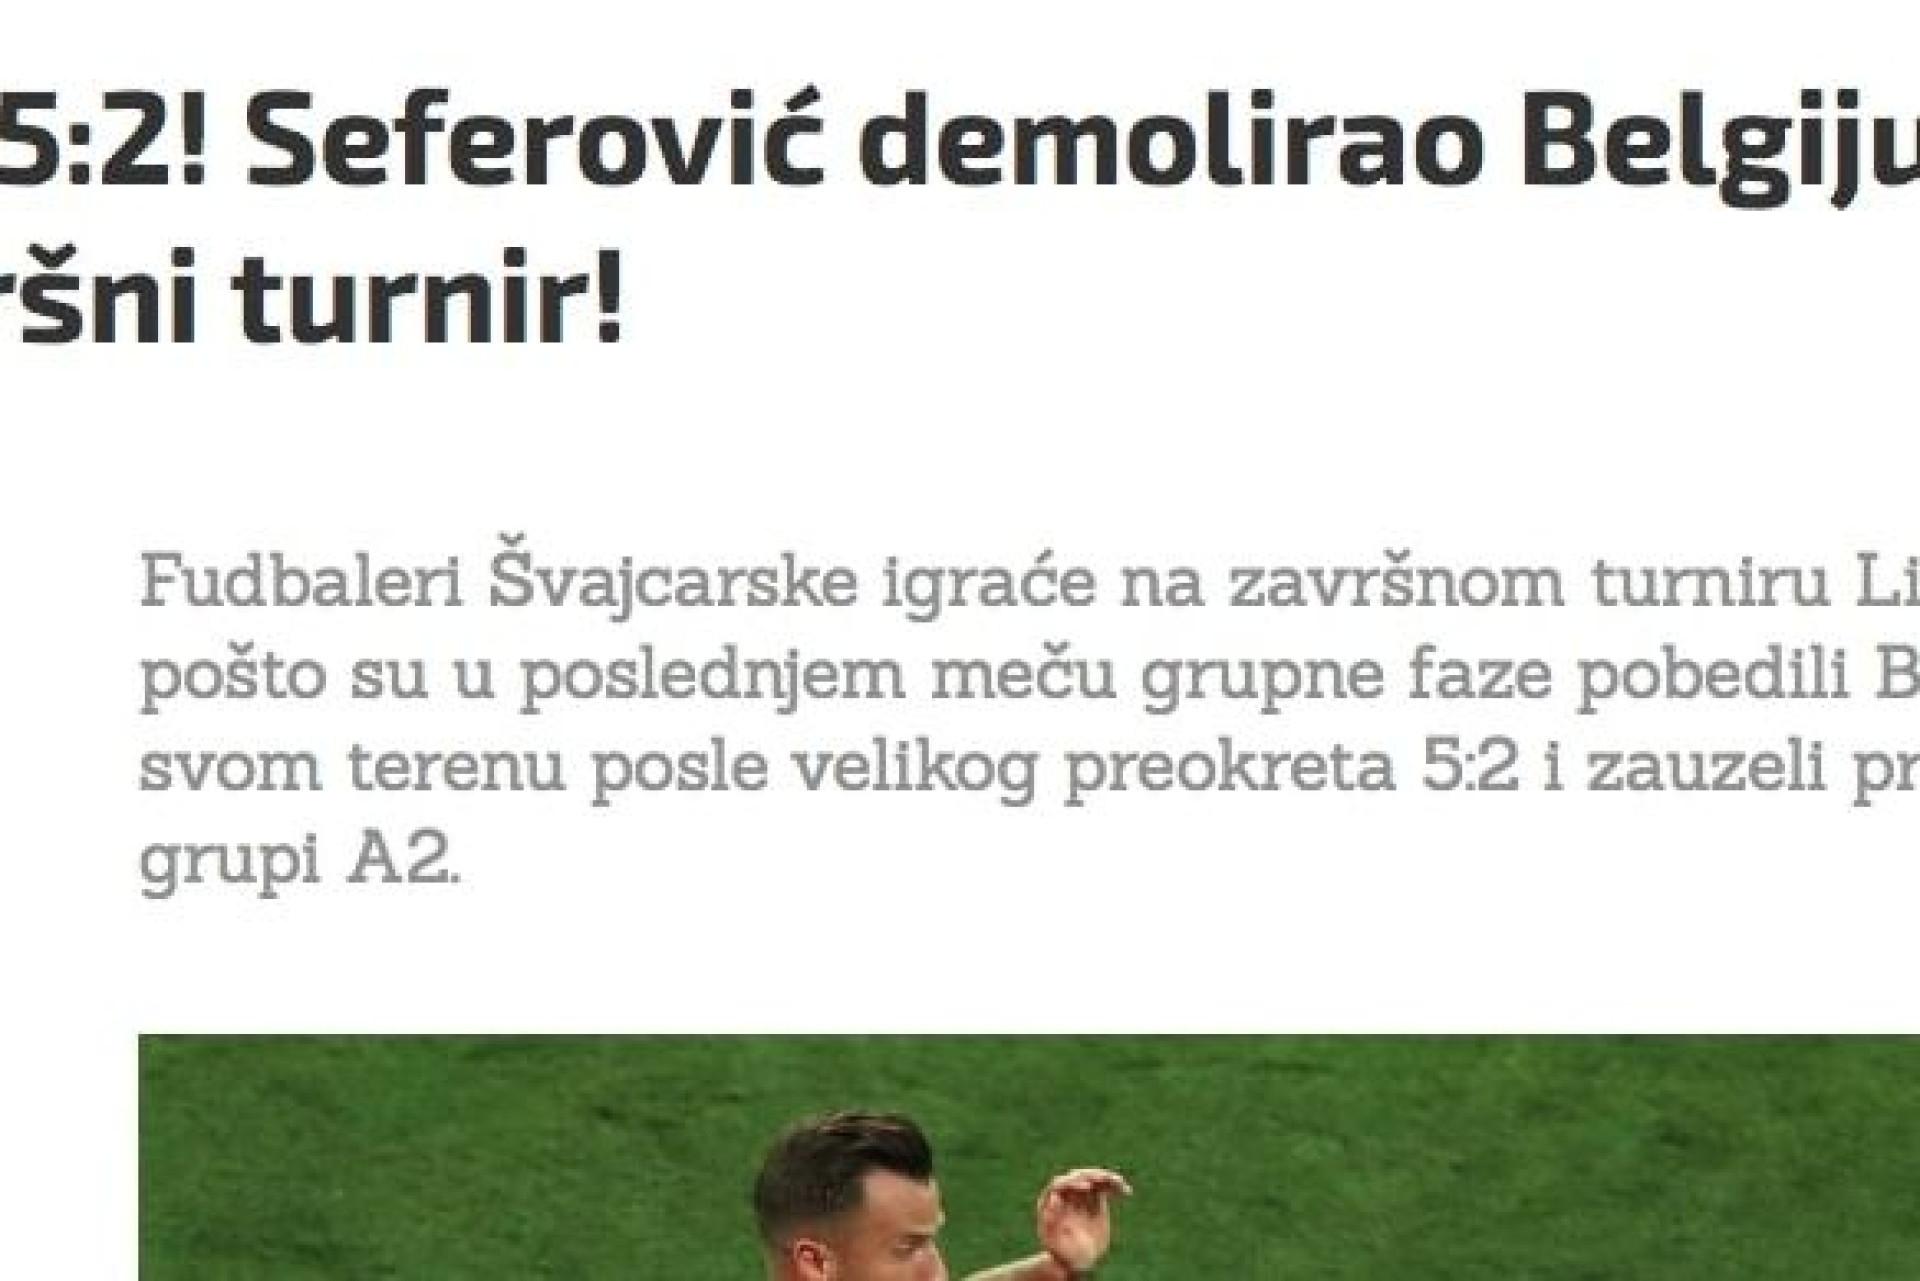 Seferovic é o pior 'diabo' dos belgas e está nas bocas do mundo